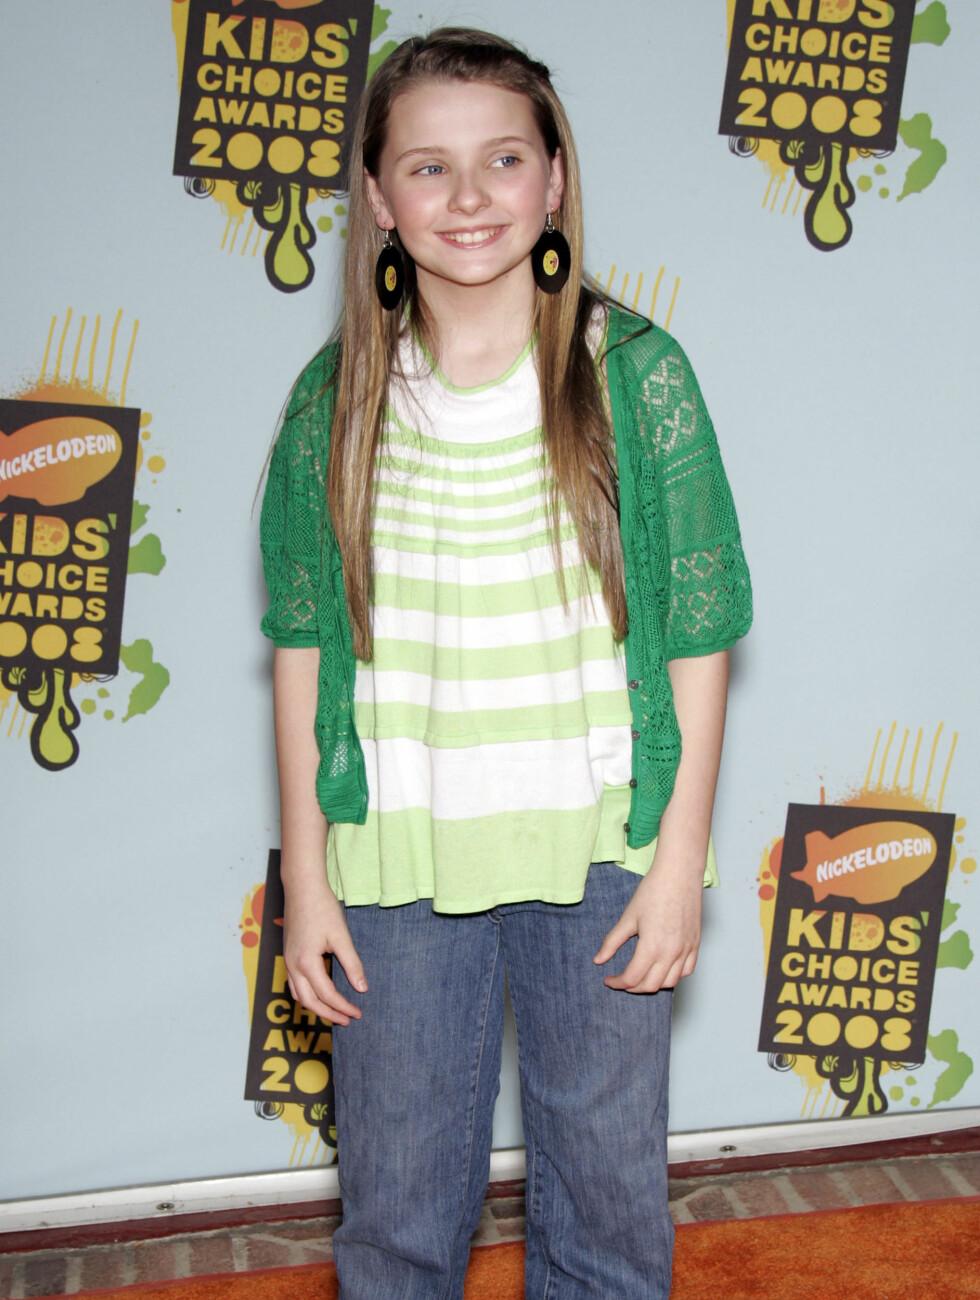 AVSLAPPET: Under Kid's Choice Awards i 2008 så Abigail ut som hun var inspirert av hiphop-stilen med løstsittende olabukser og store øredobber.  Foto: All Over Press